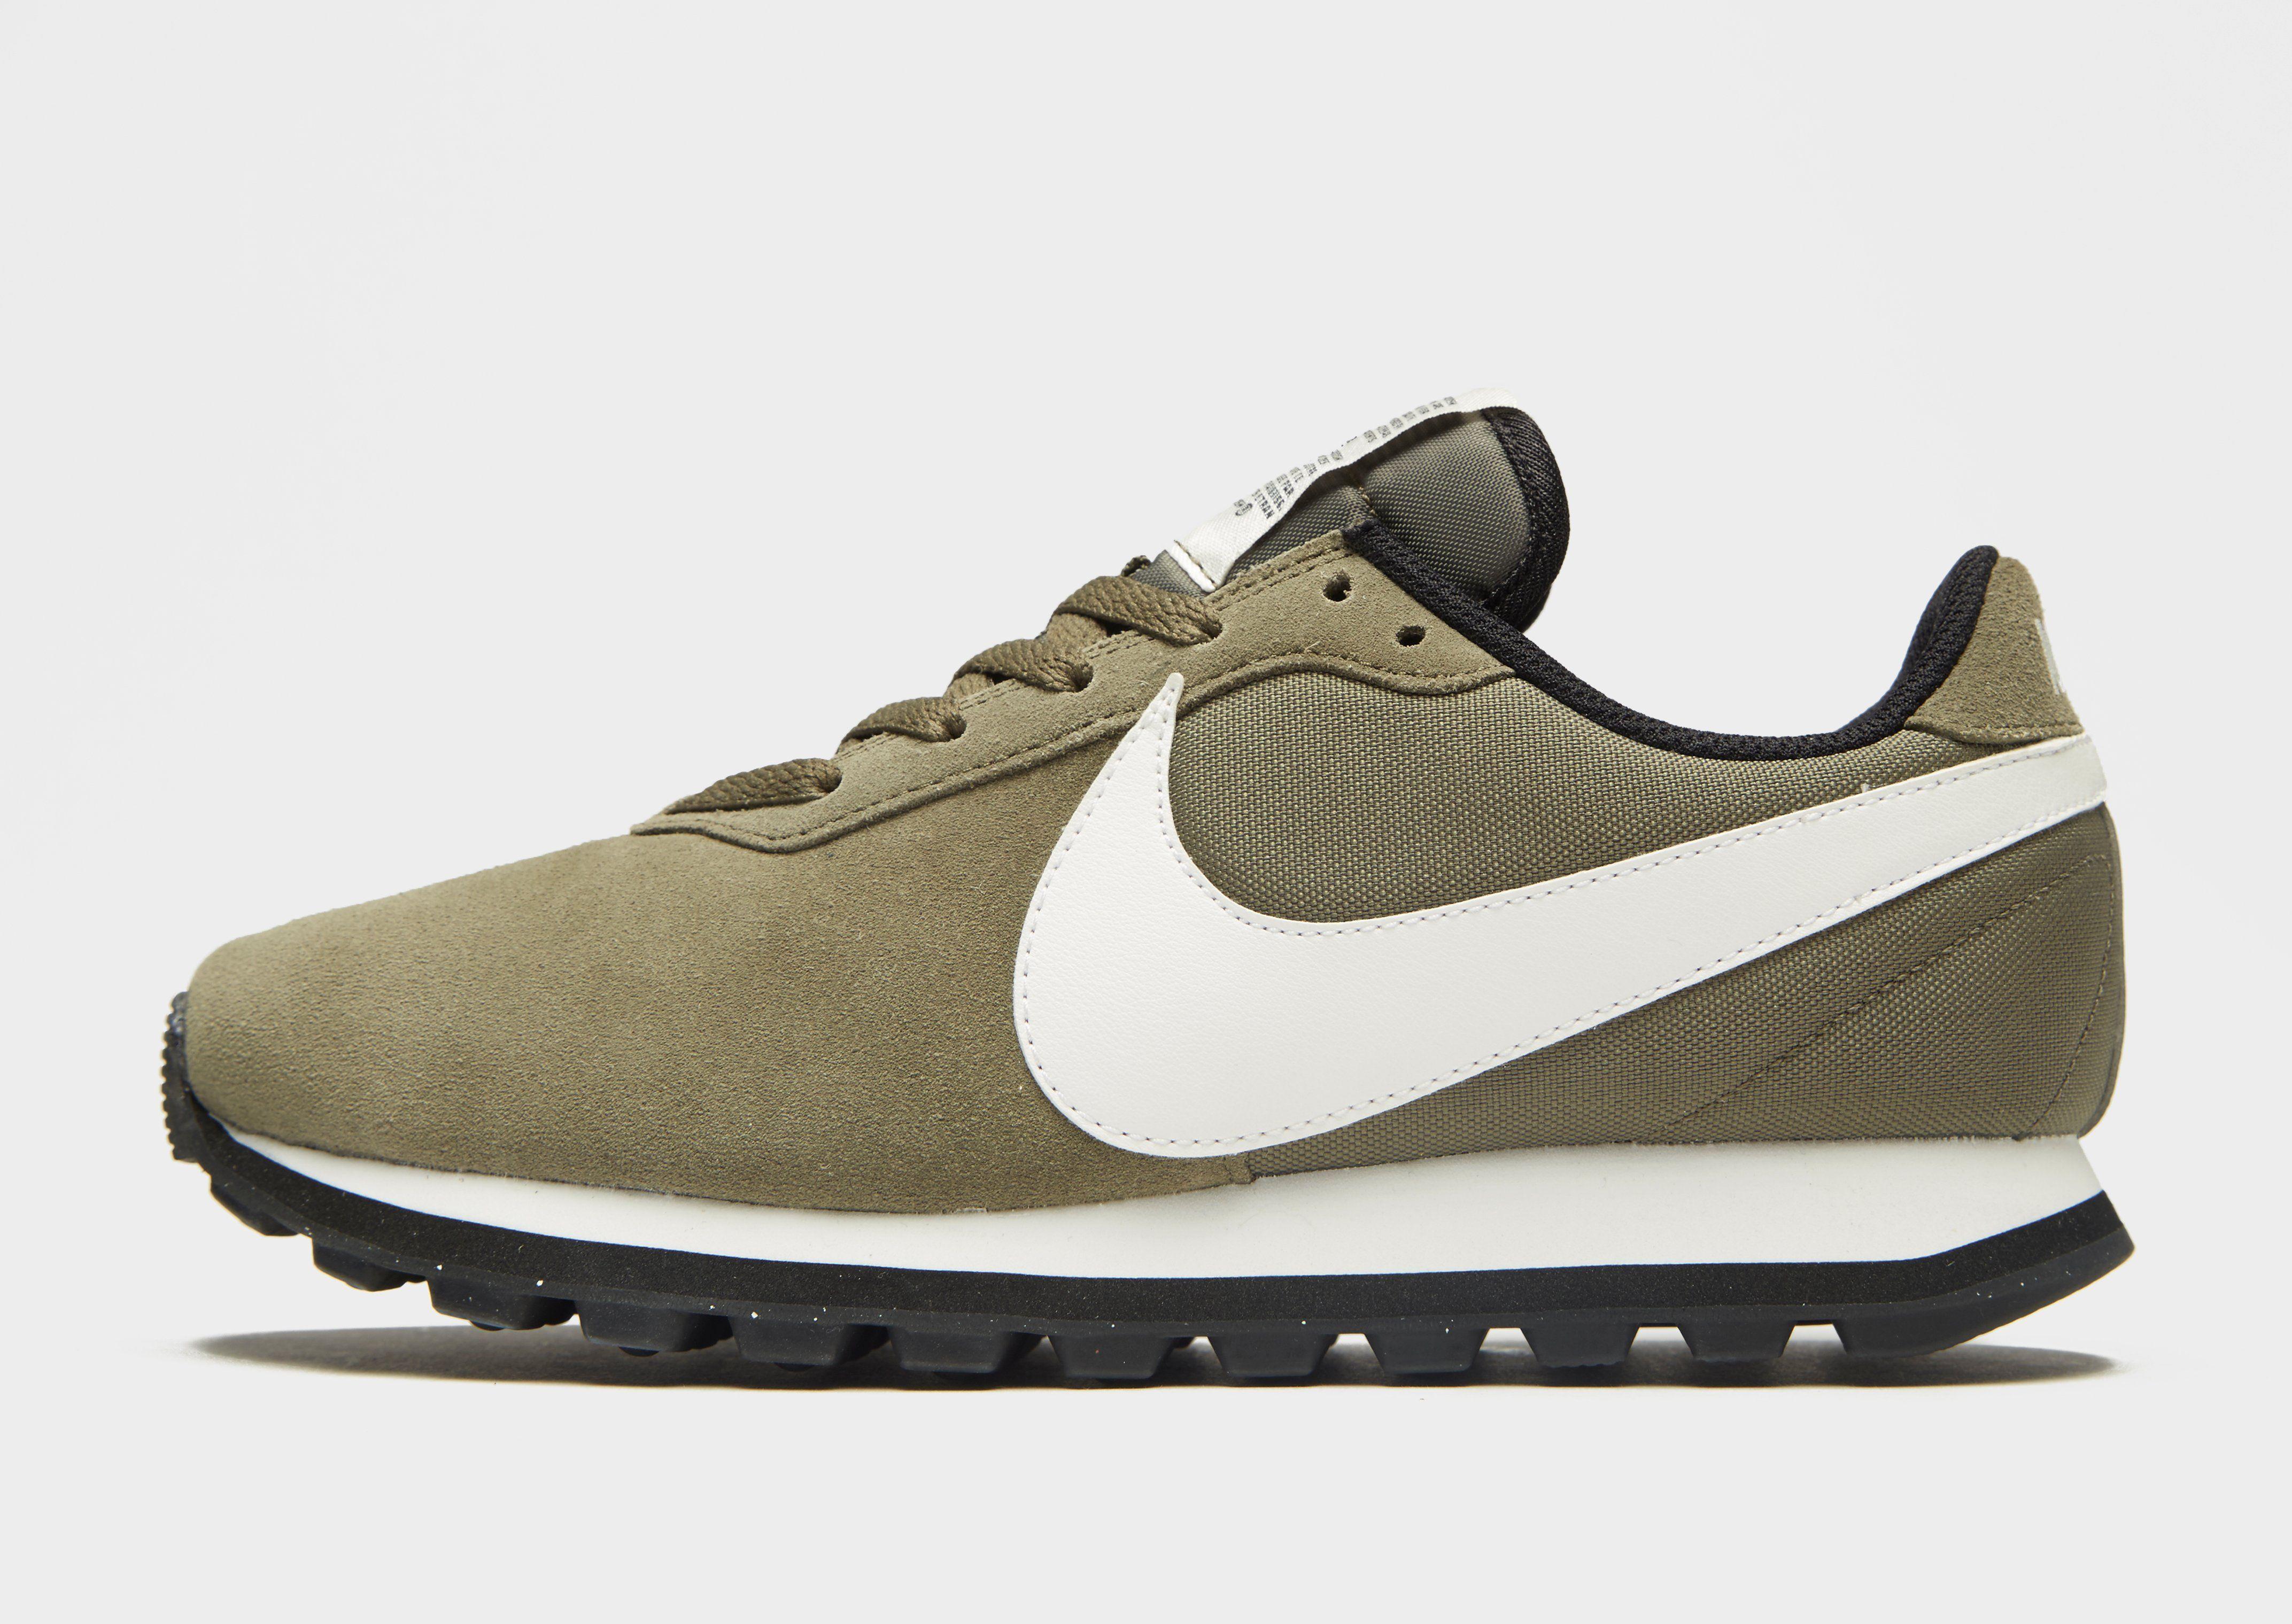 newest collection 5b296 cb4ec Nike Pre-Love Dames - Shop online voor Nike Pre-Love Dames met JD